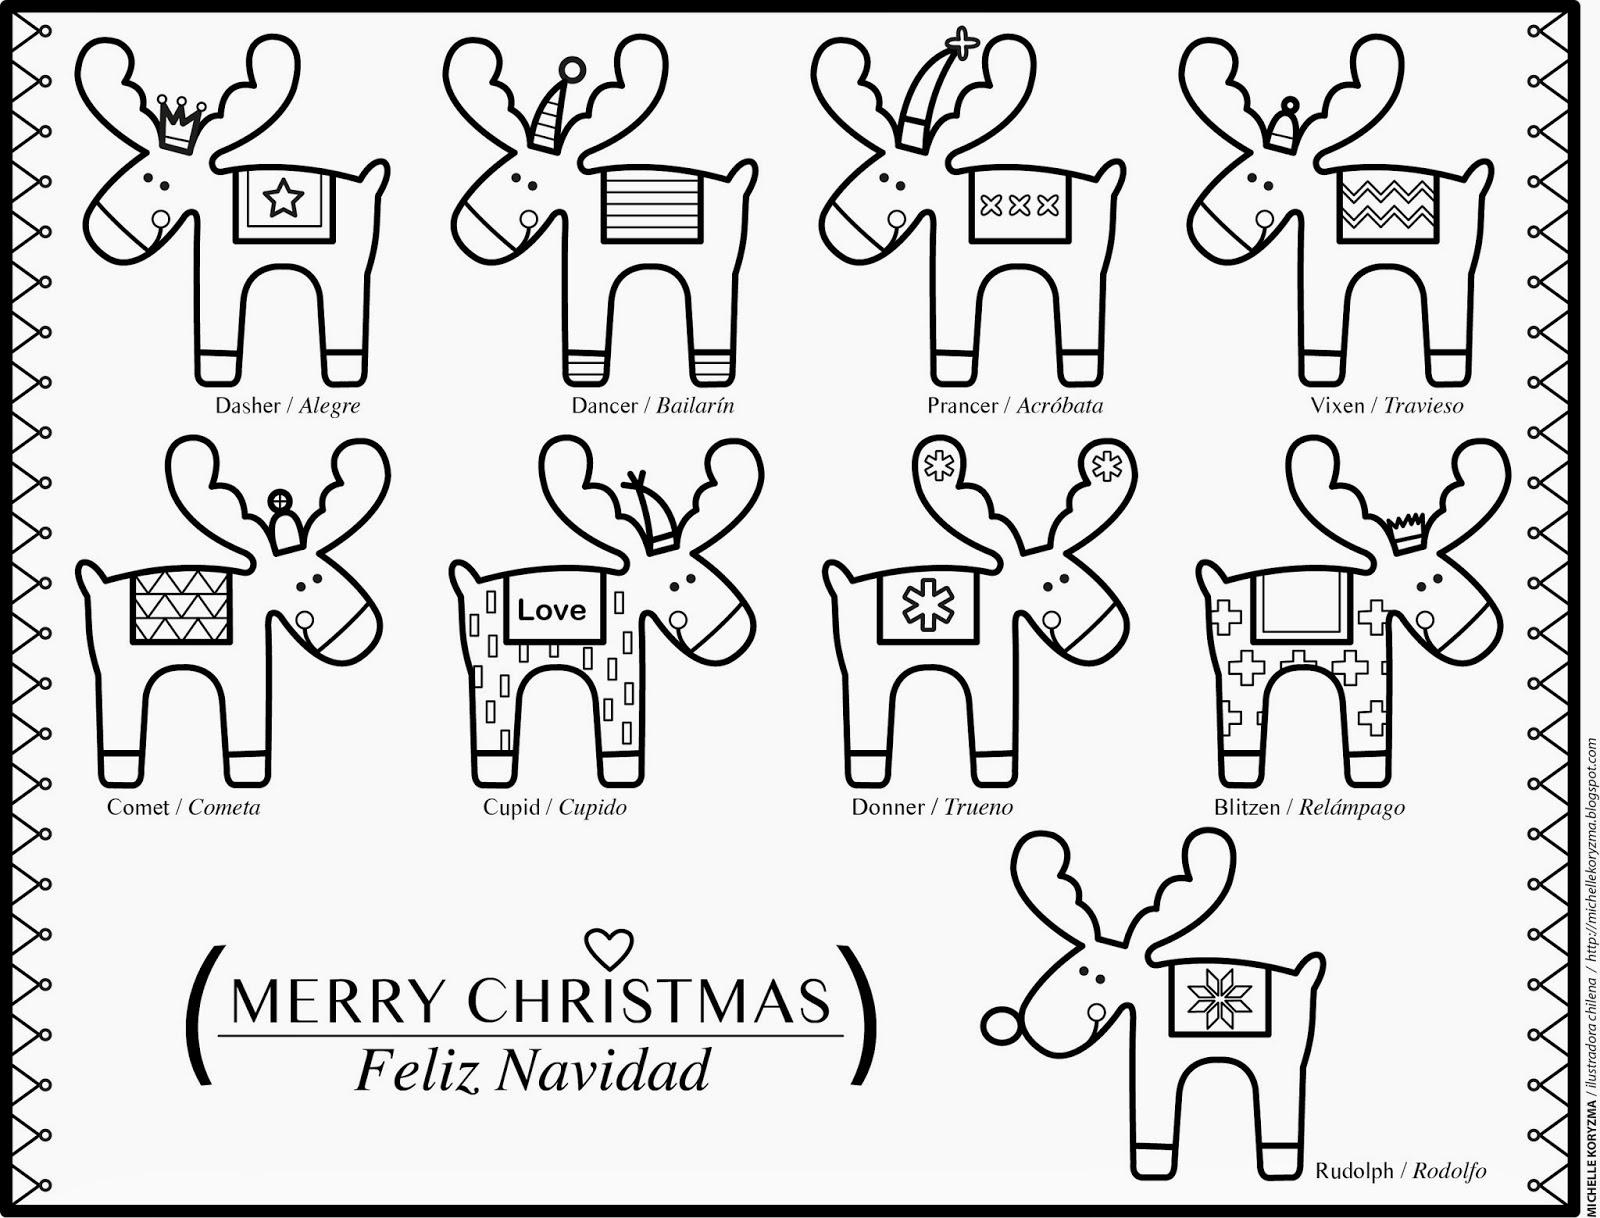 Imagenes De Piñatas Para Navidad